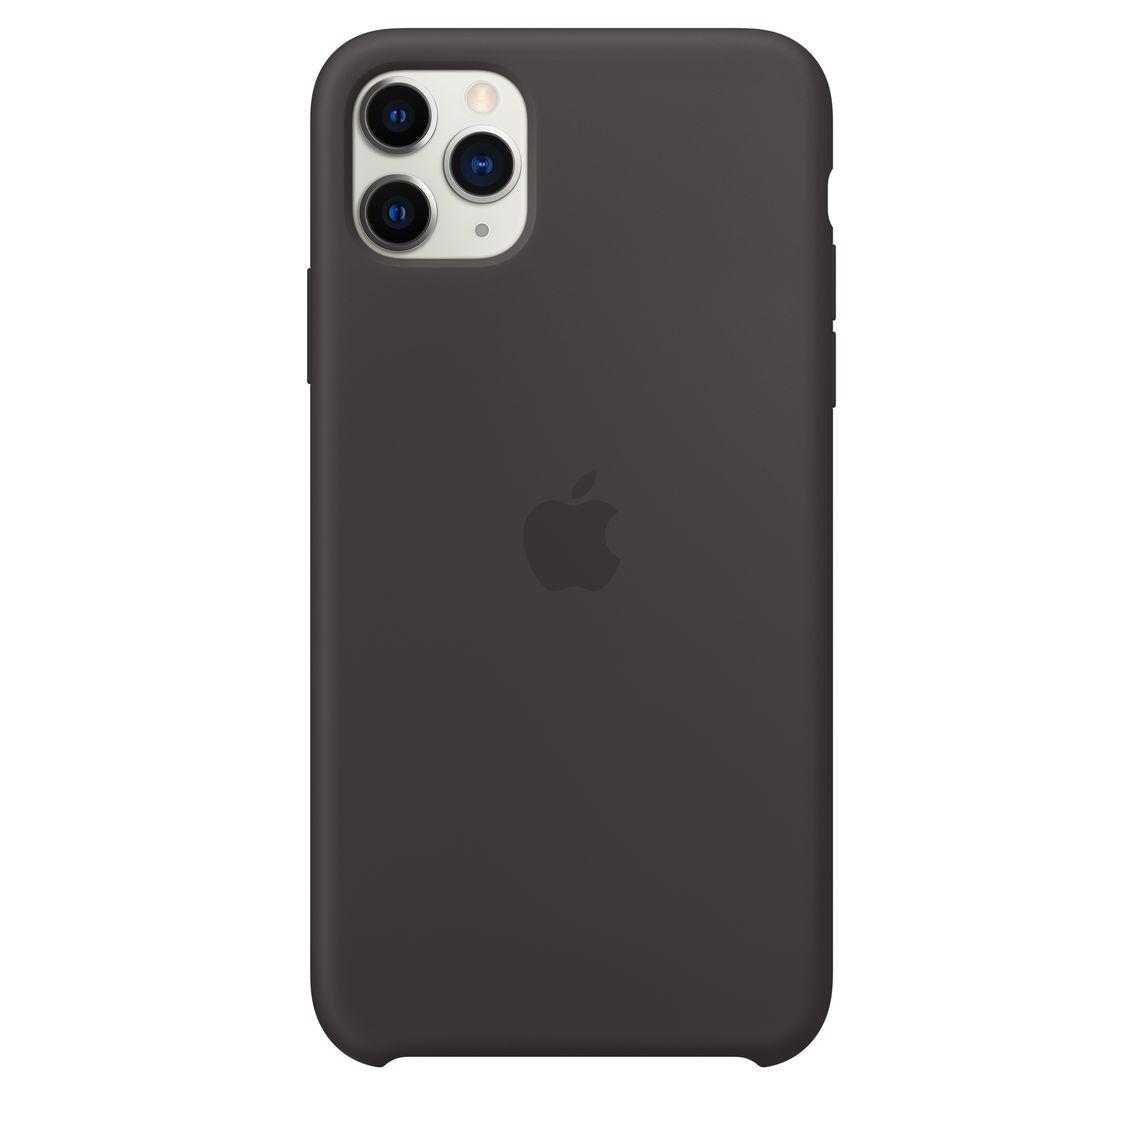 Capa de Silicone iPhone 11 - PRETO